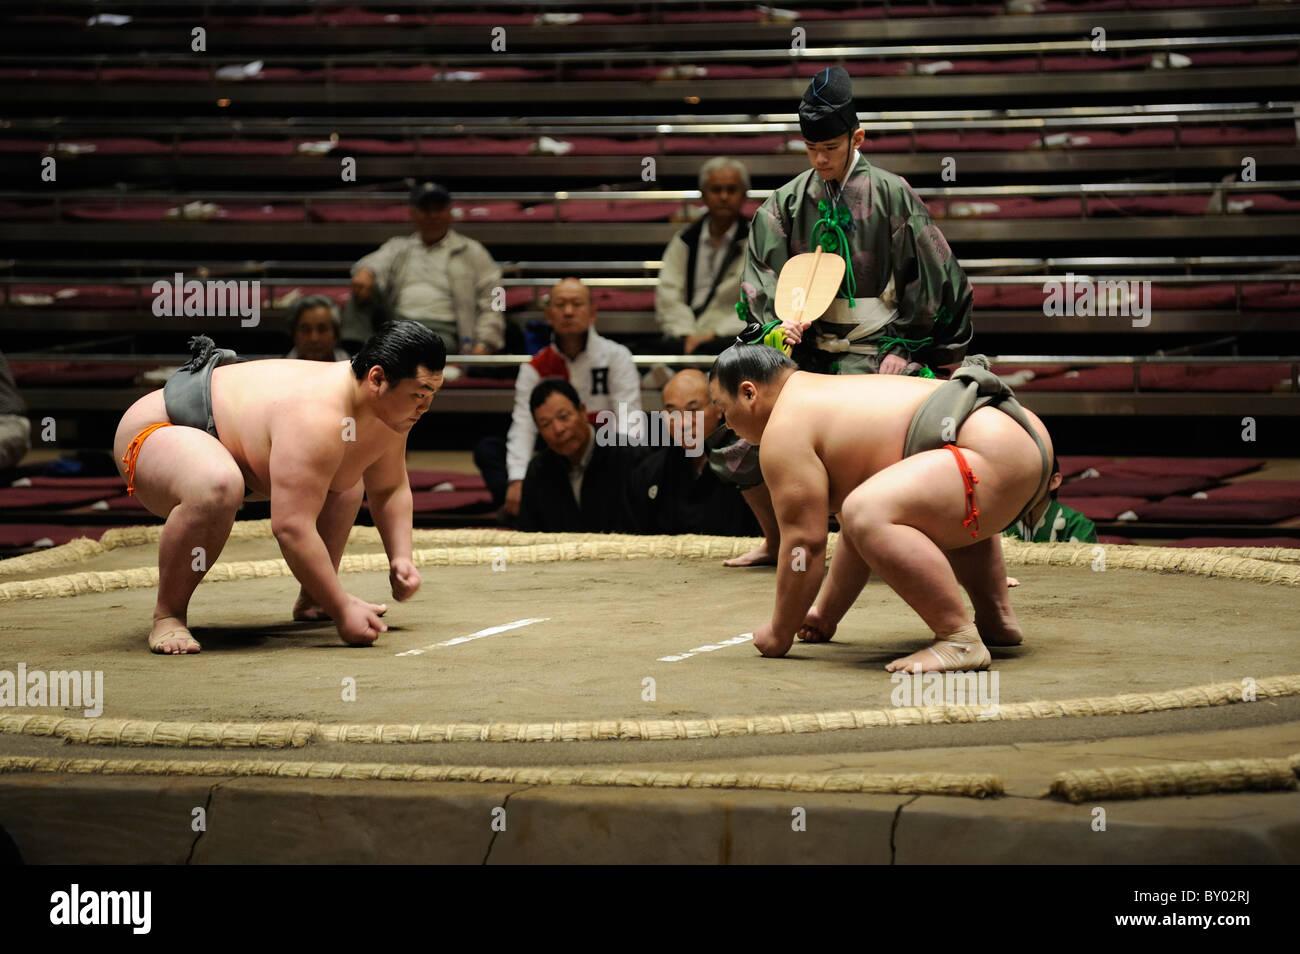 Due di basso rango lottatori di sumo prima bout, Grandi Campionati di Sumo maggio 2010, Ryogoku Kokugikan, Tokyo, Immagini Stock